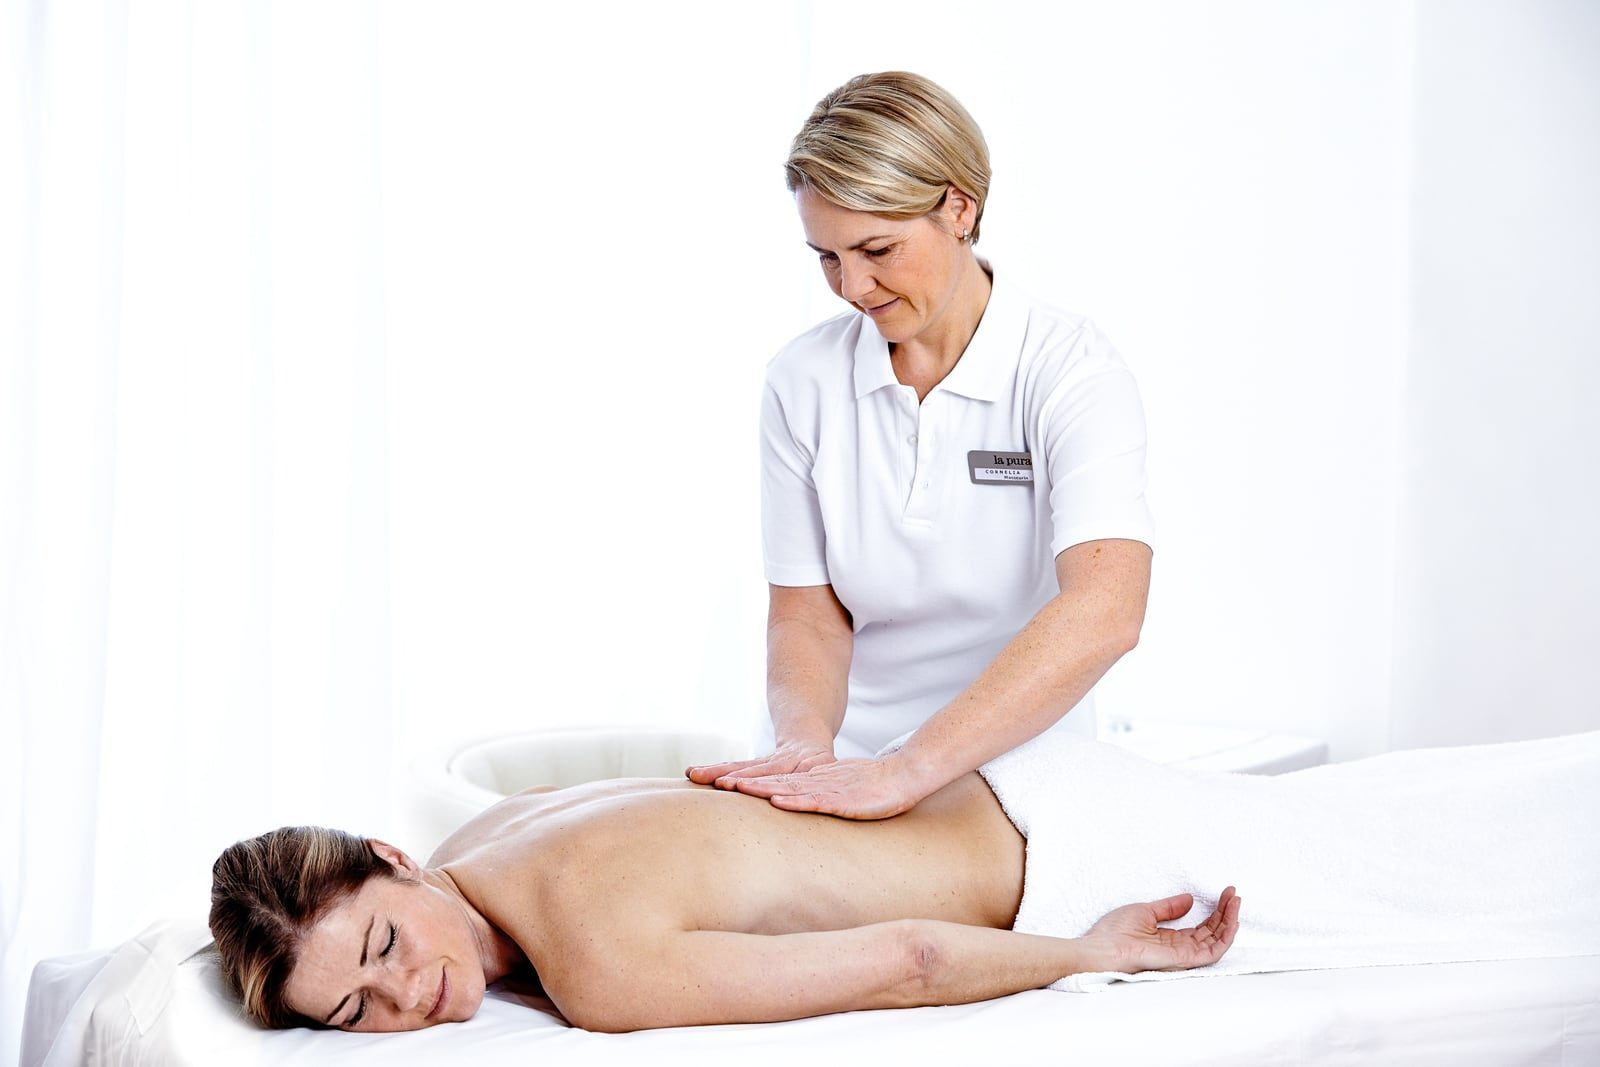 Eine Dame bekommt eine Rückenmassage